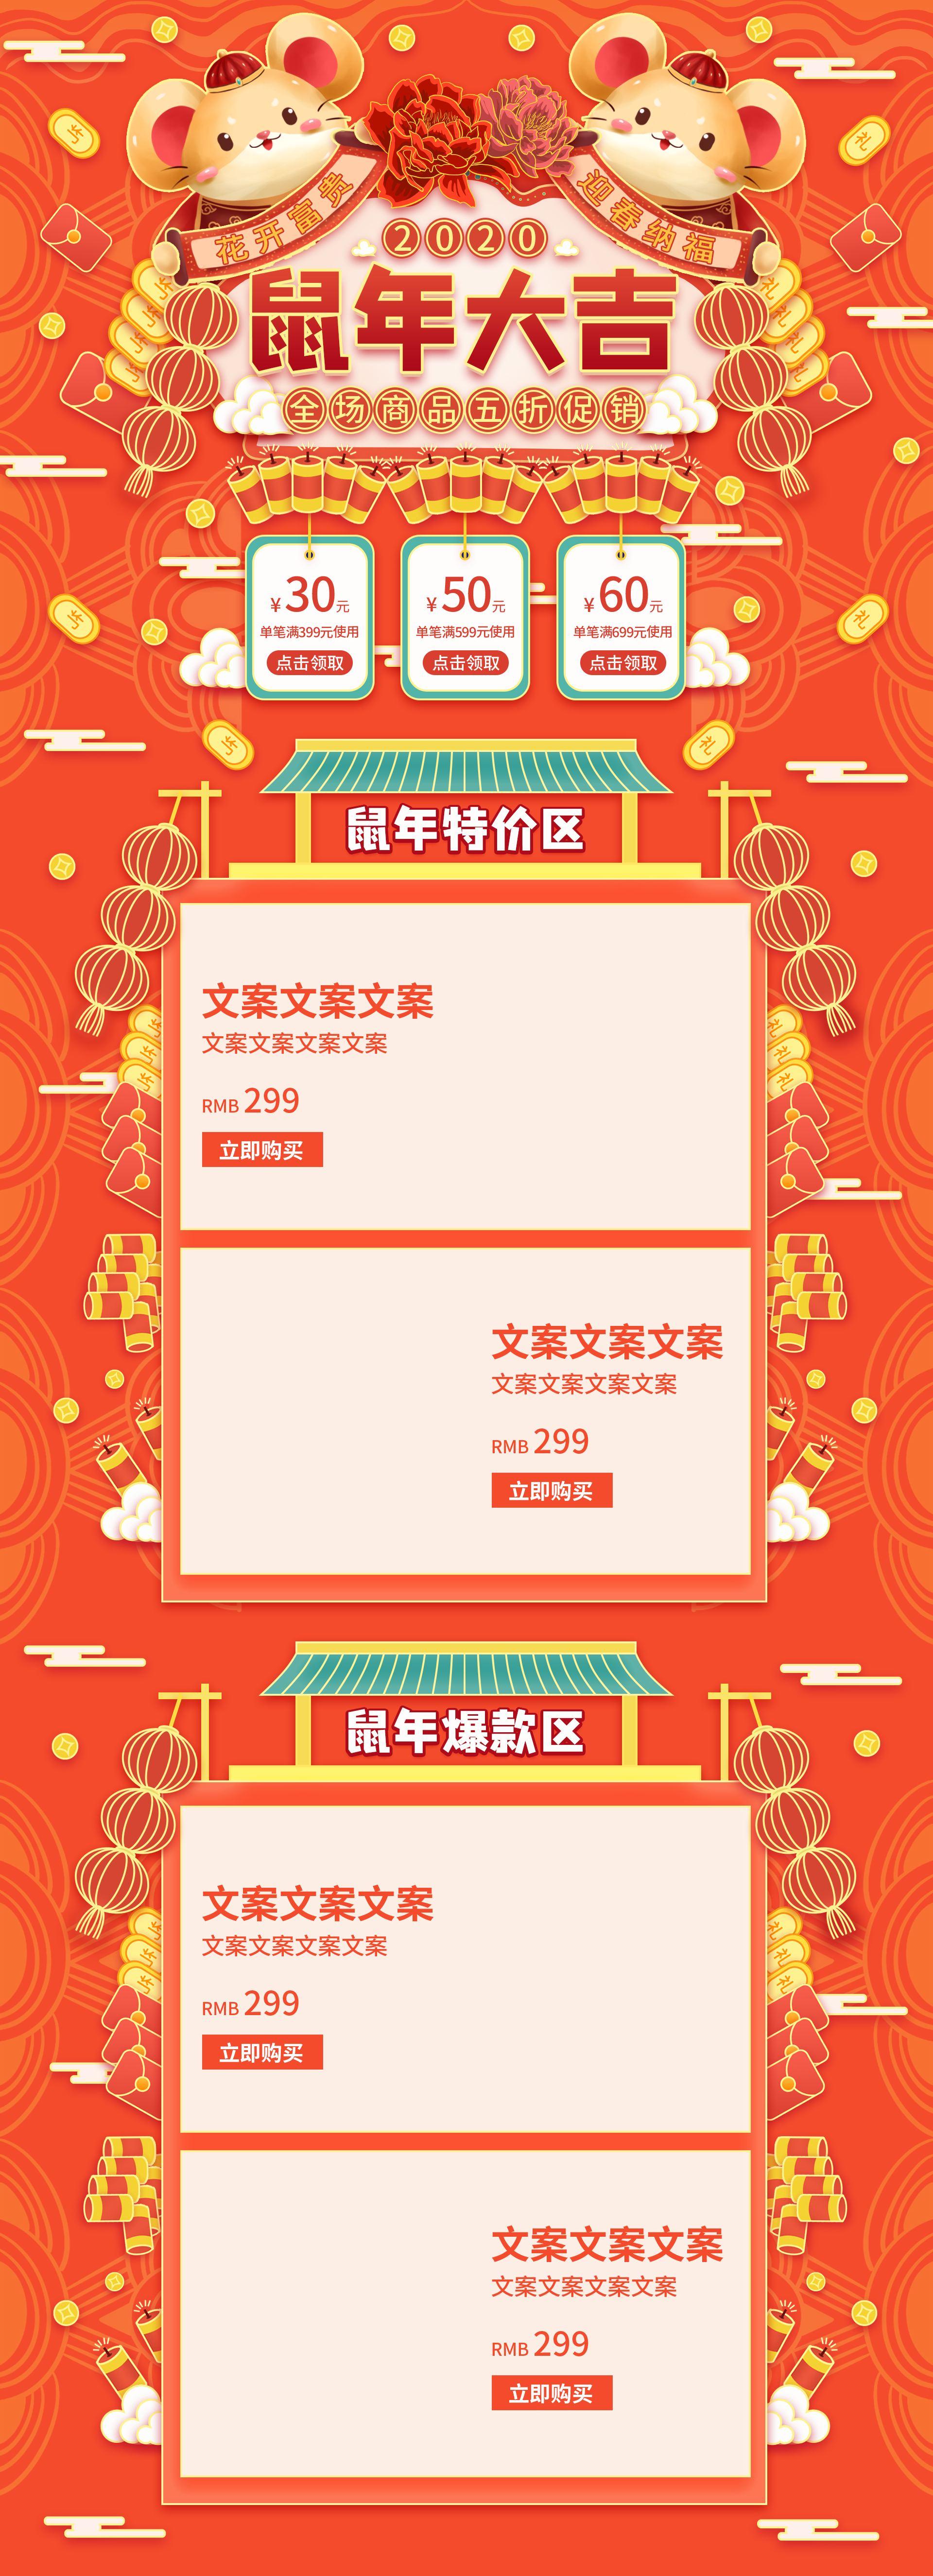 红色喜庆2020年鼠年大吉首页促销模板春节新春新年过年